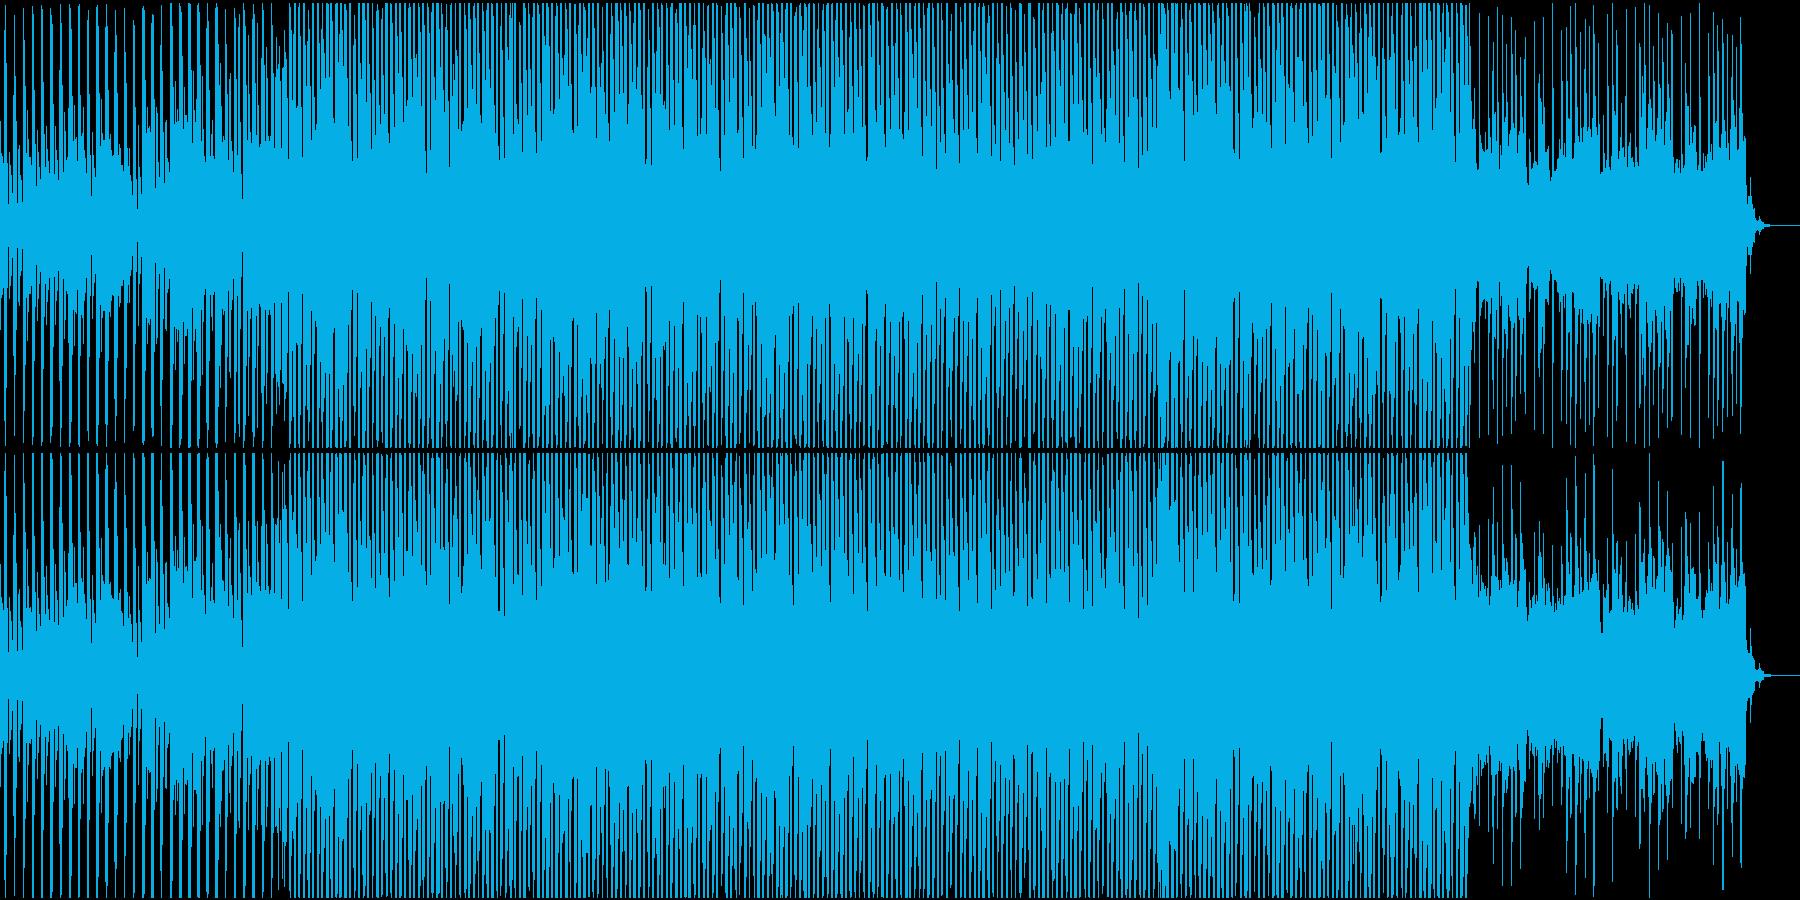 レトロな雰囲気のシンセウェーヴの再生済みの波形